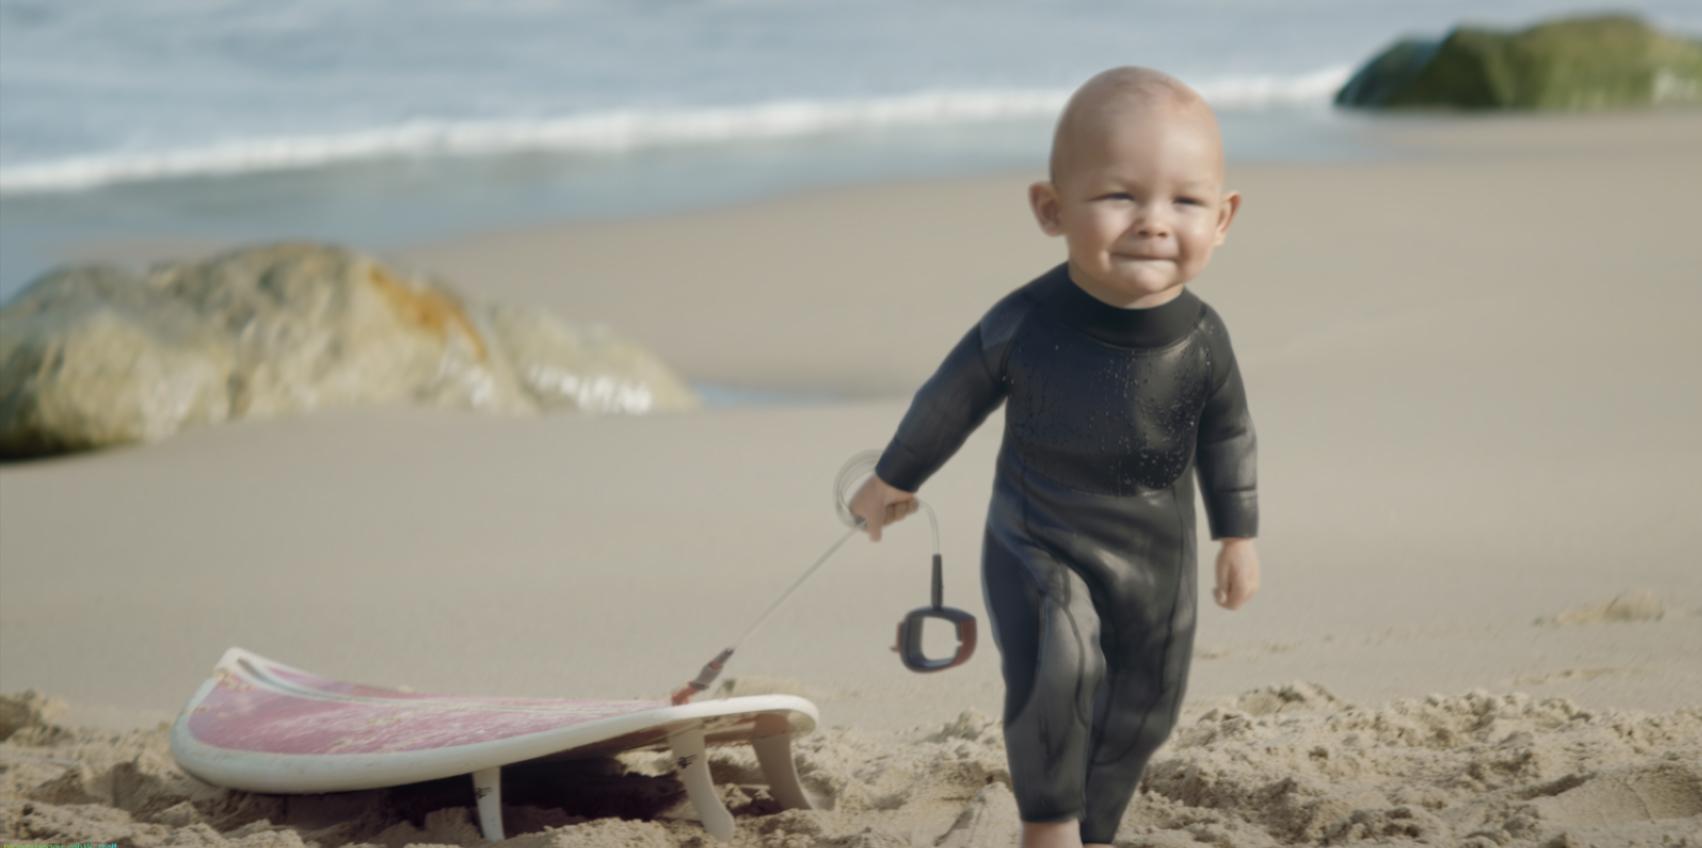 Evian Baby Surfer.jpg